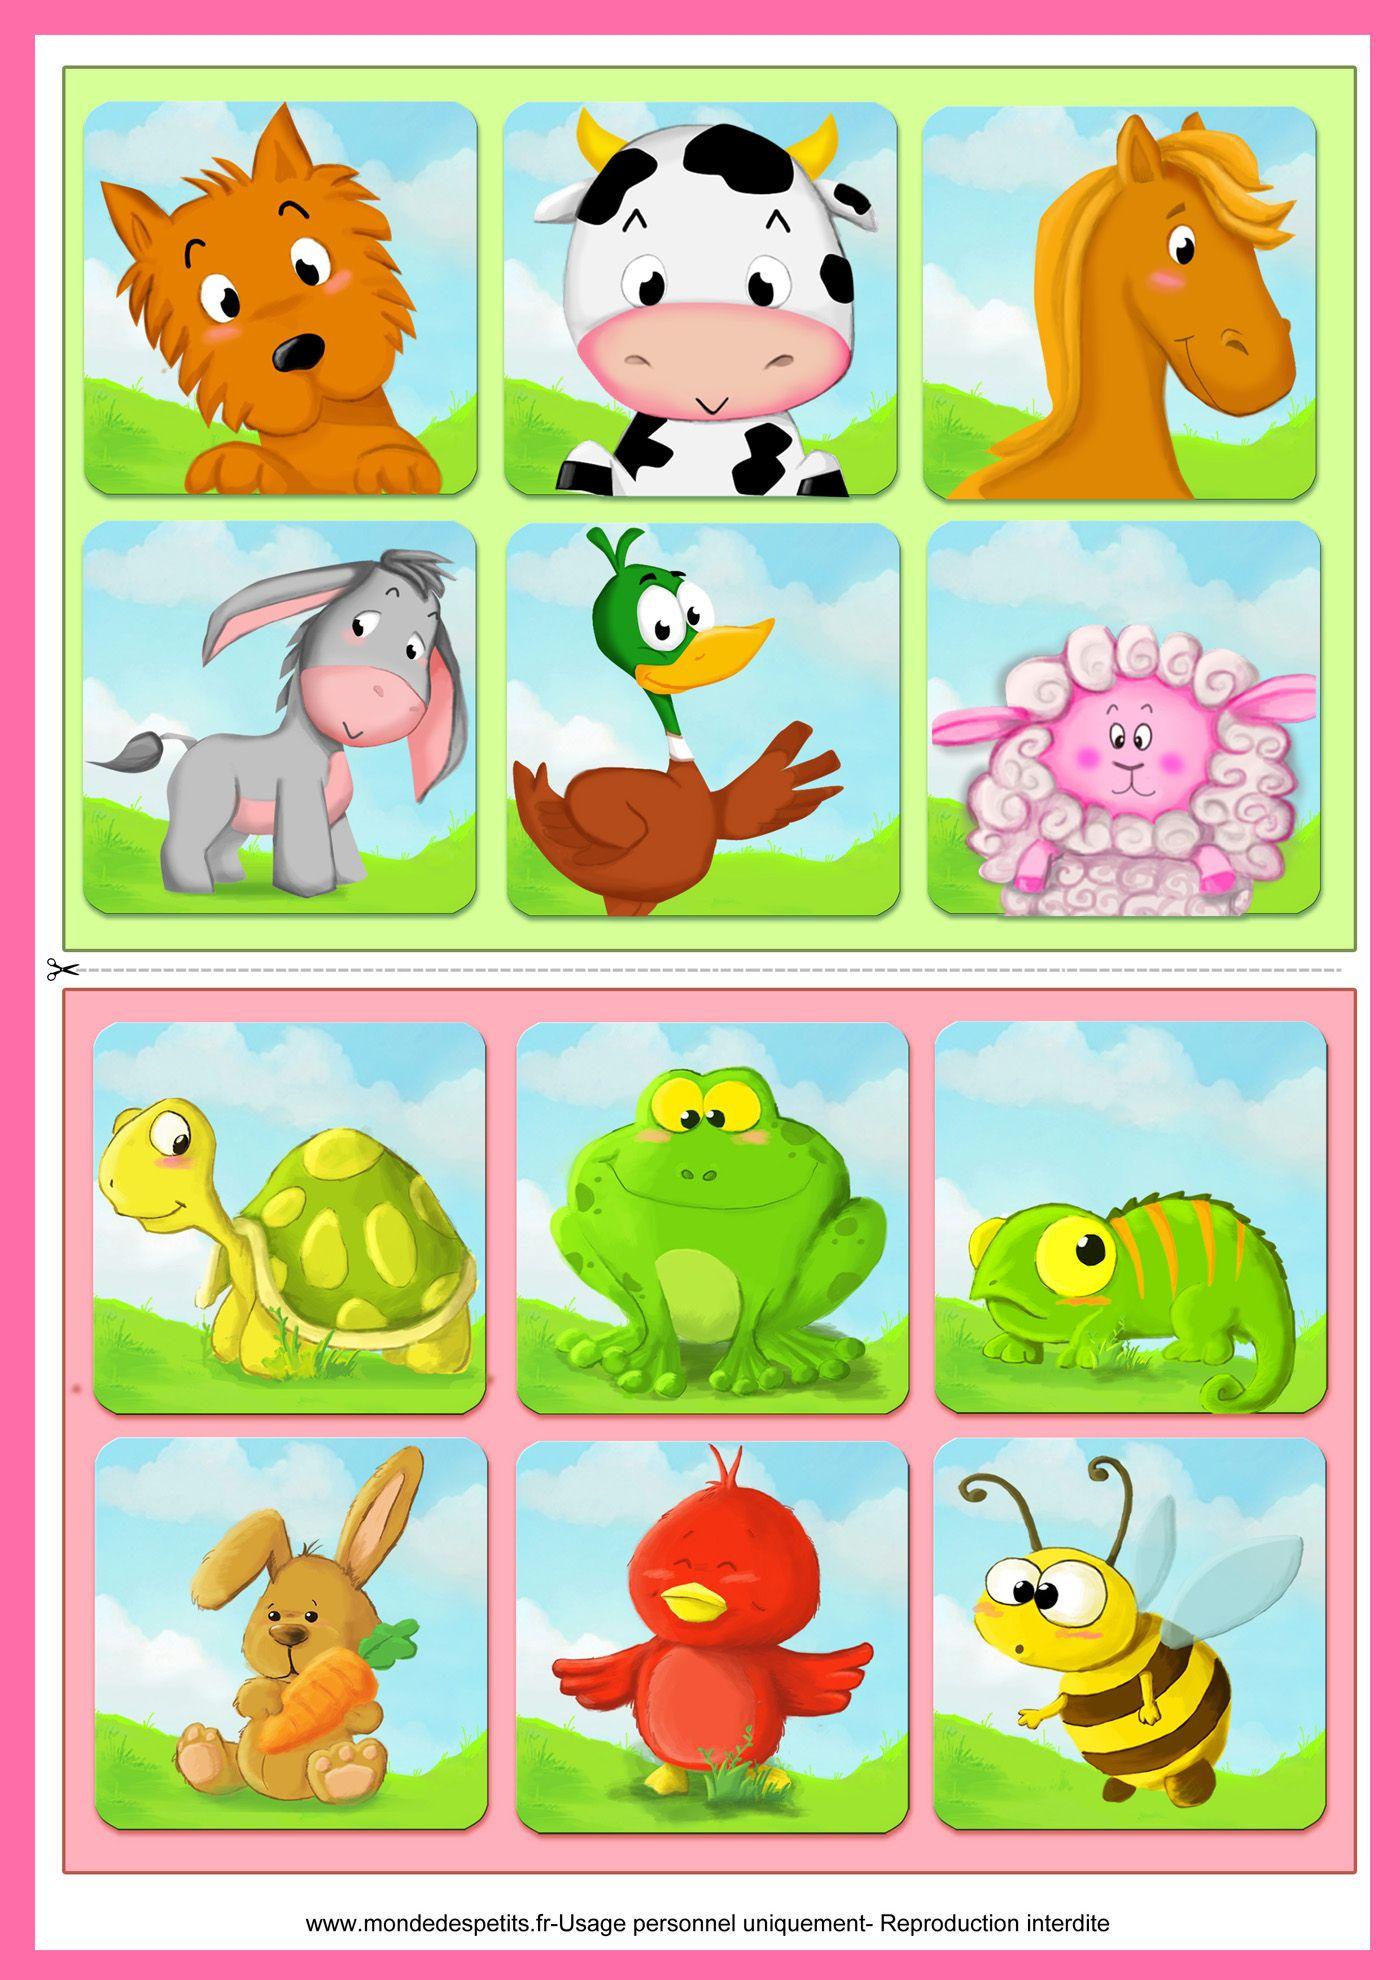 jeu de loto imprimer pour les enfants jeux imprimer pinterest jeux de jeu et enfants. Black Bedroom Furniture Sets. Home Design Ideas